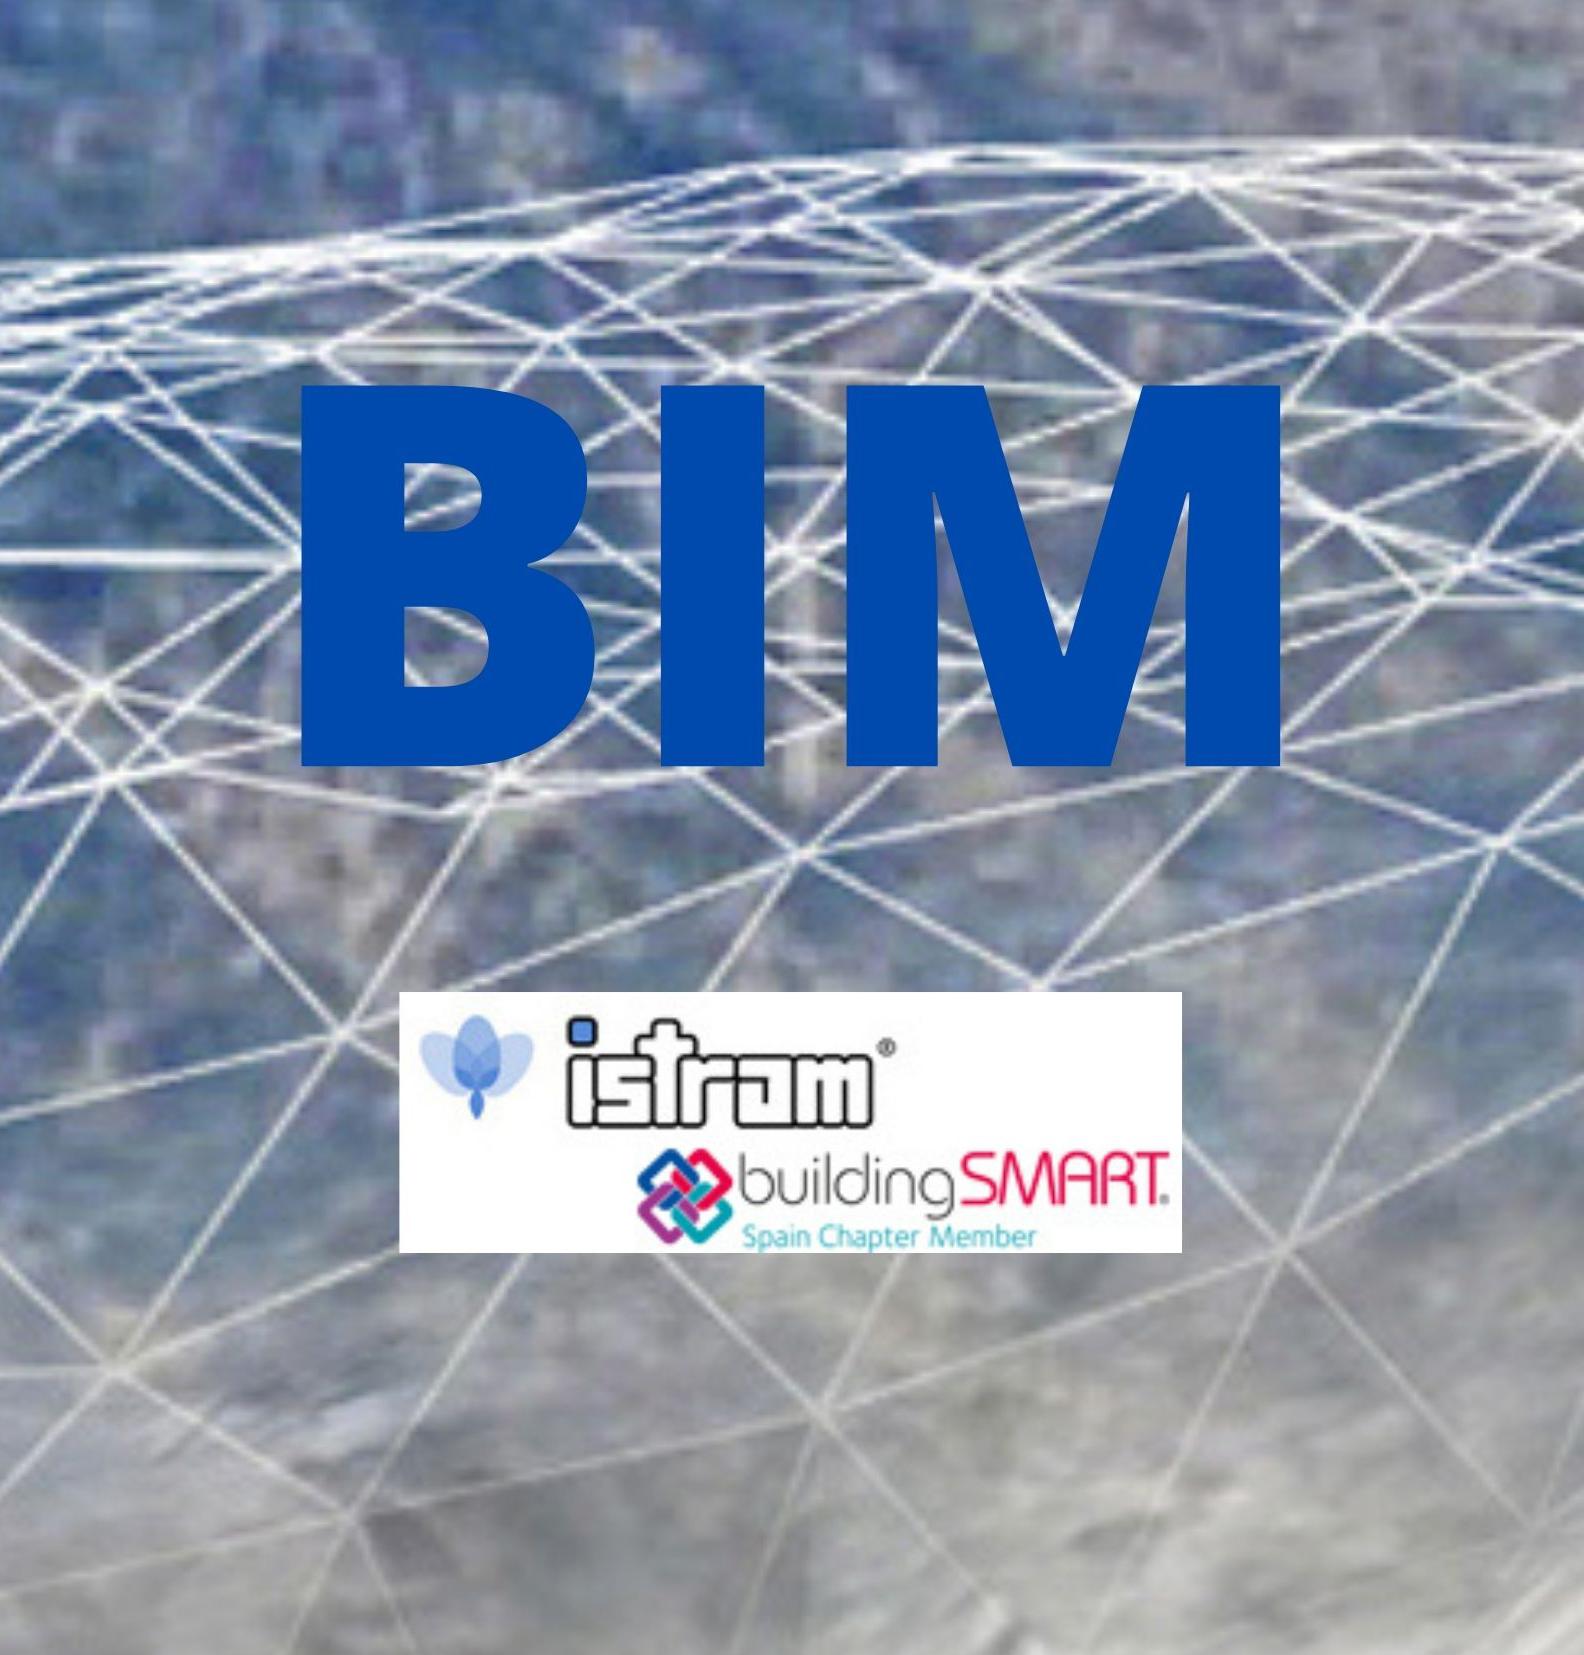 Imagen BIM copy